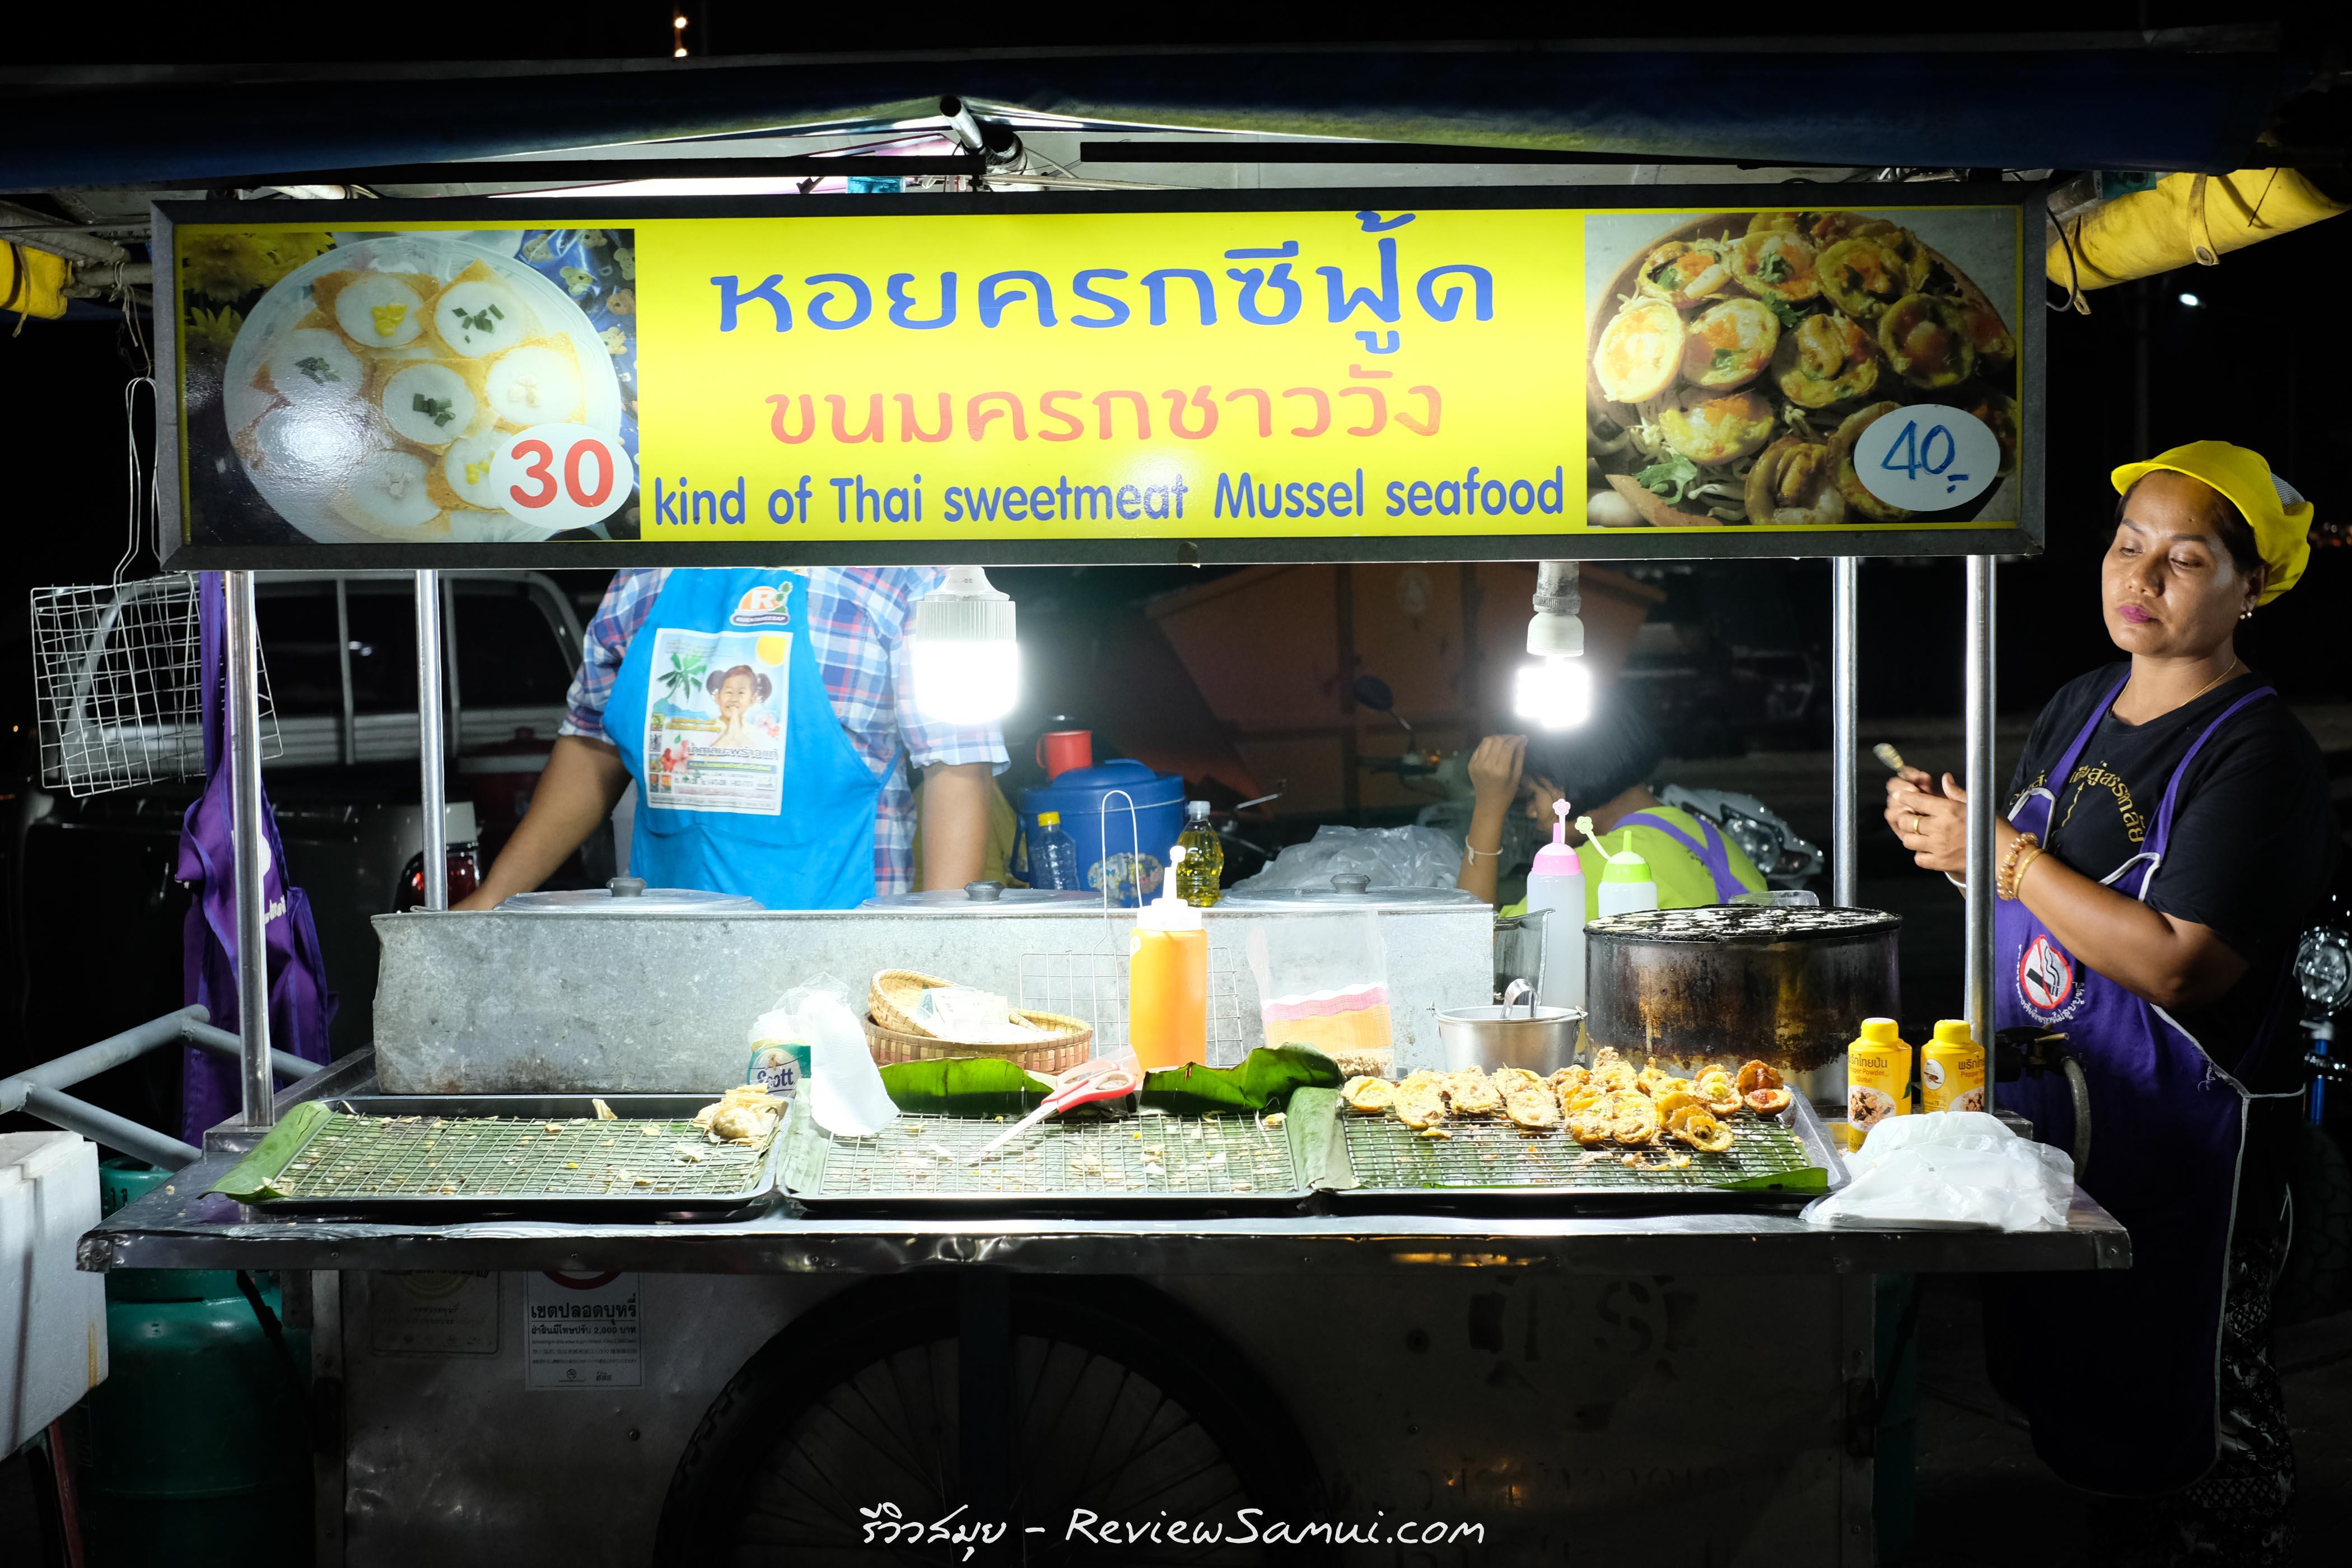 ตลาดเย็นหน้าทอน รีวิวสมุย | Review samui